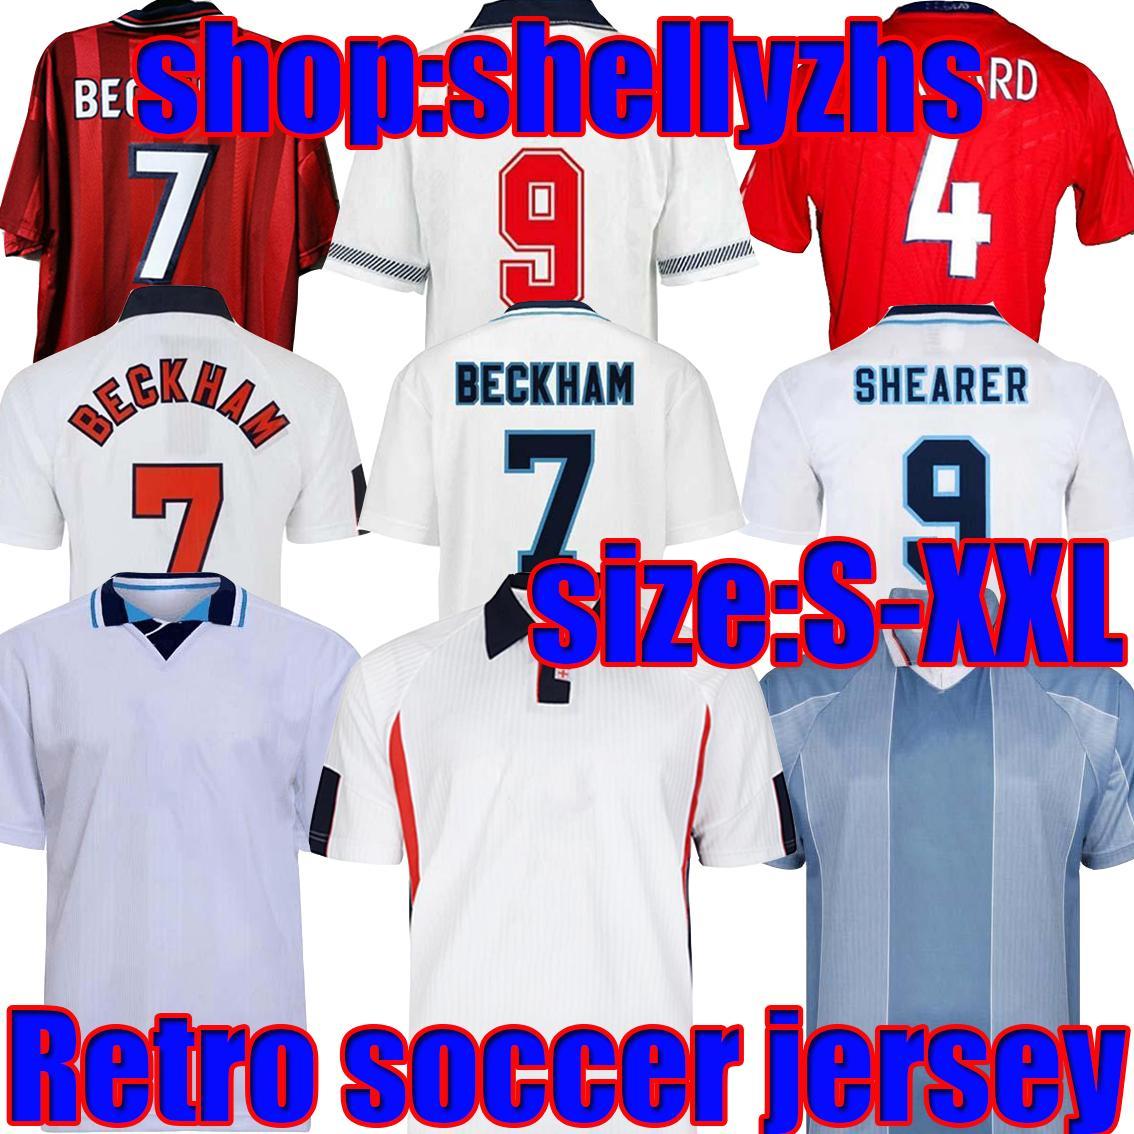 1986 1996 Angland Retro Jerseys 1982 98 2002 2008 2008 Sharer Beckham Soccer Jersey 1989 1990 Mash Up Gerrard Scholes Owen 1994 Gascoigne старинные классические футболки